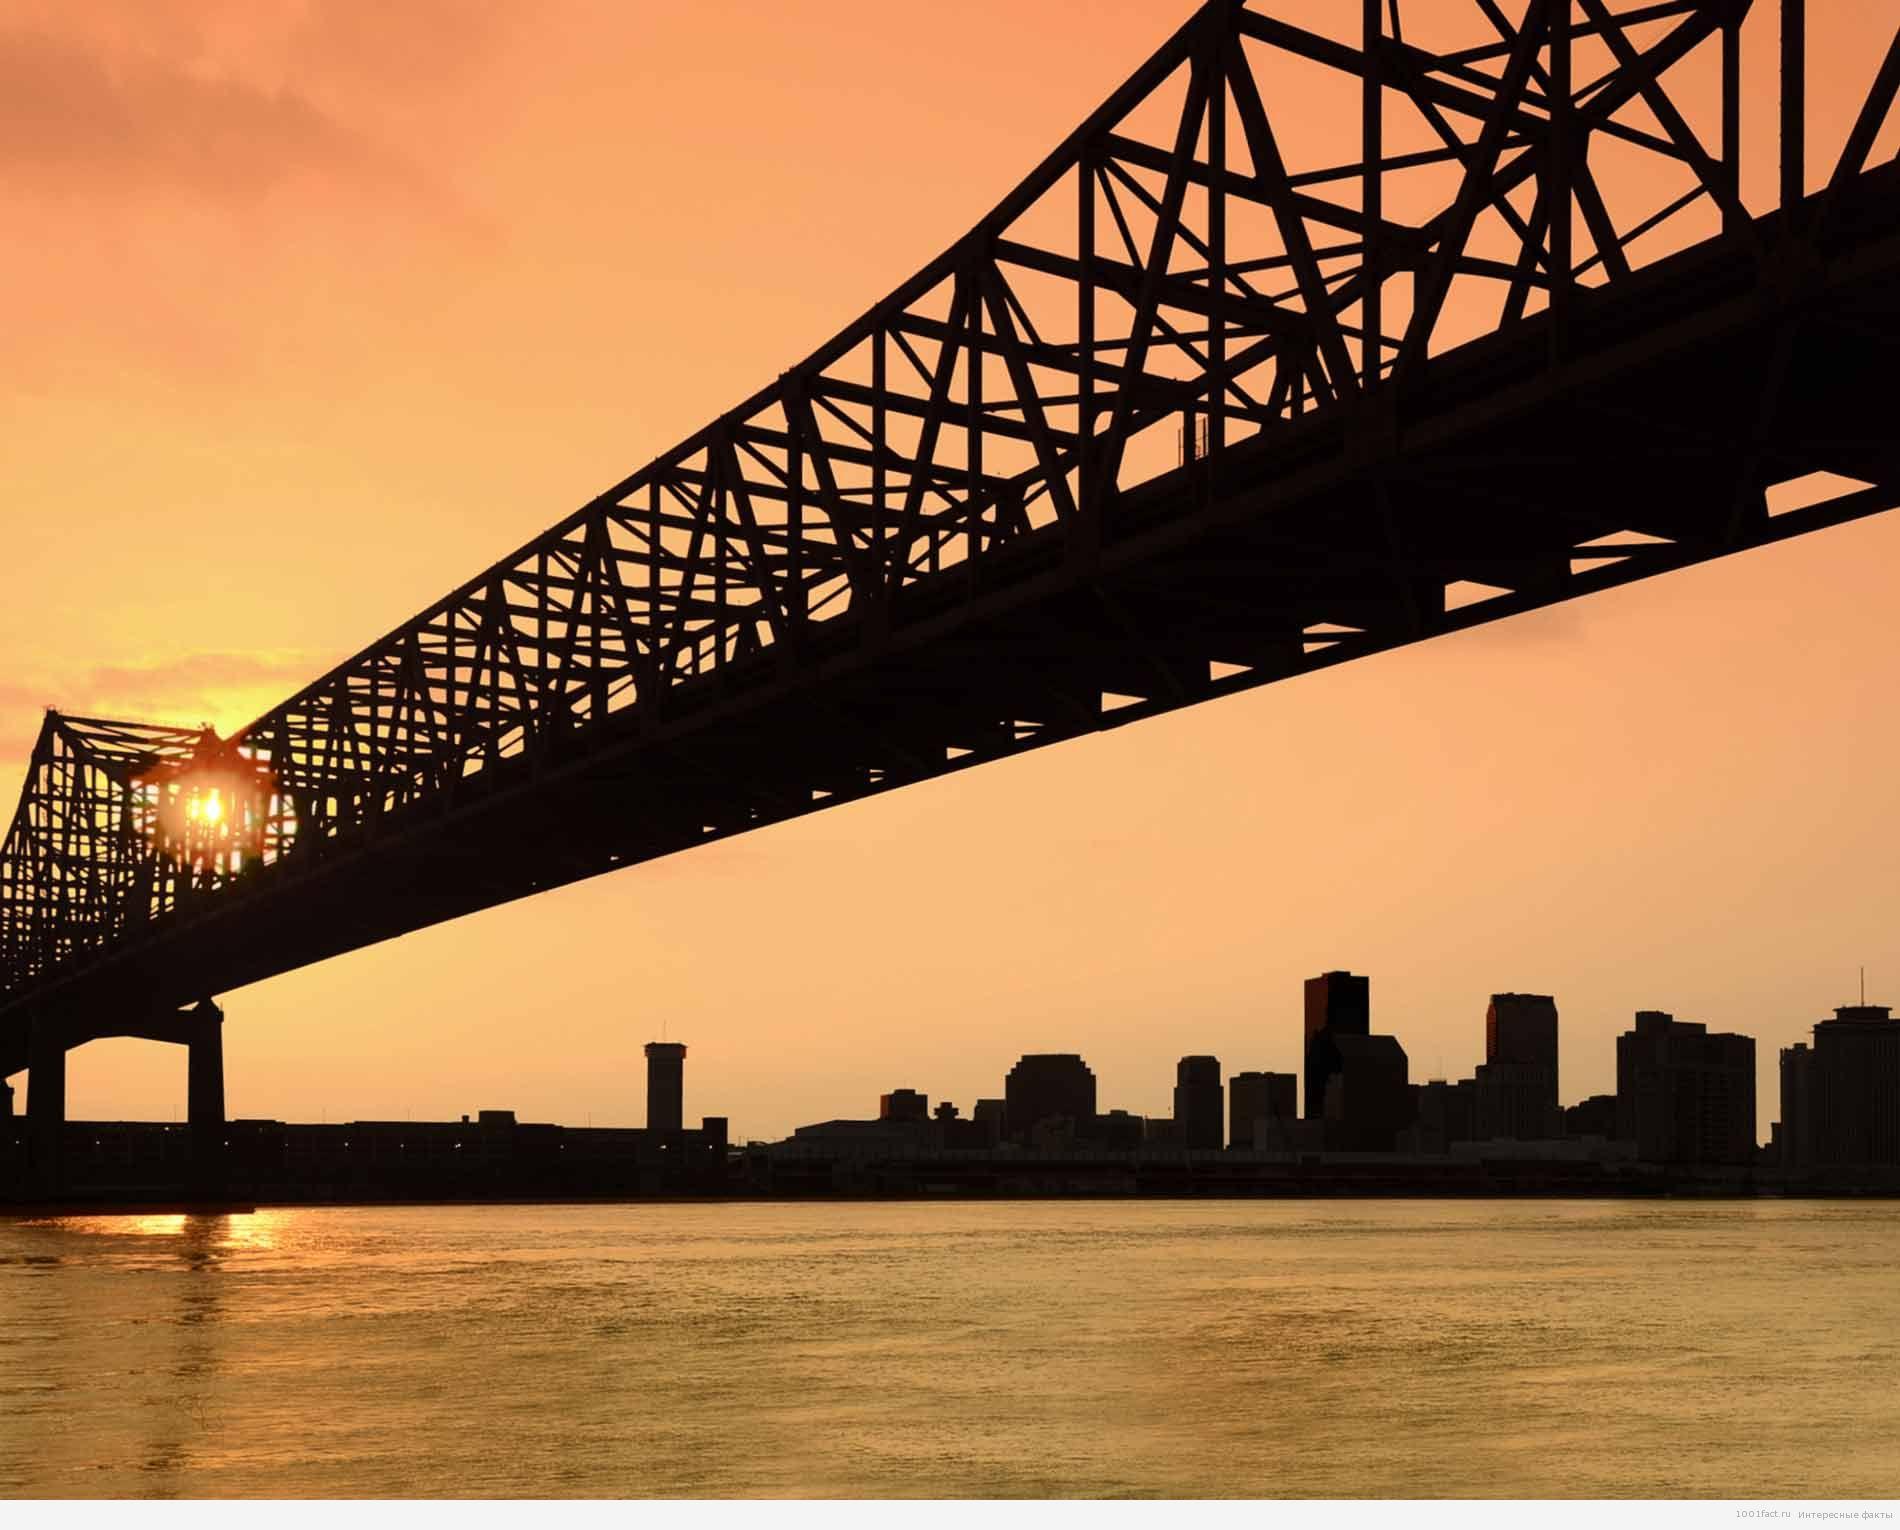 мост соединяет Мандевиль и Метайри